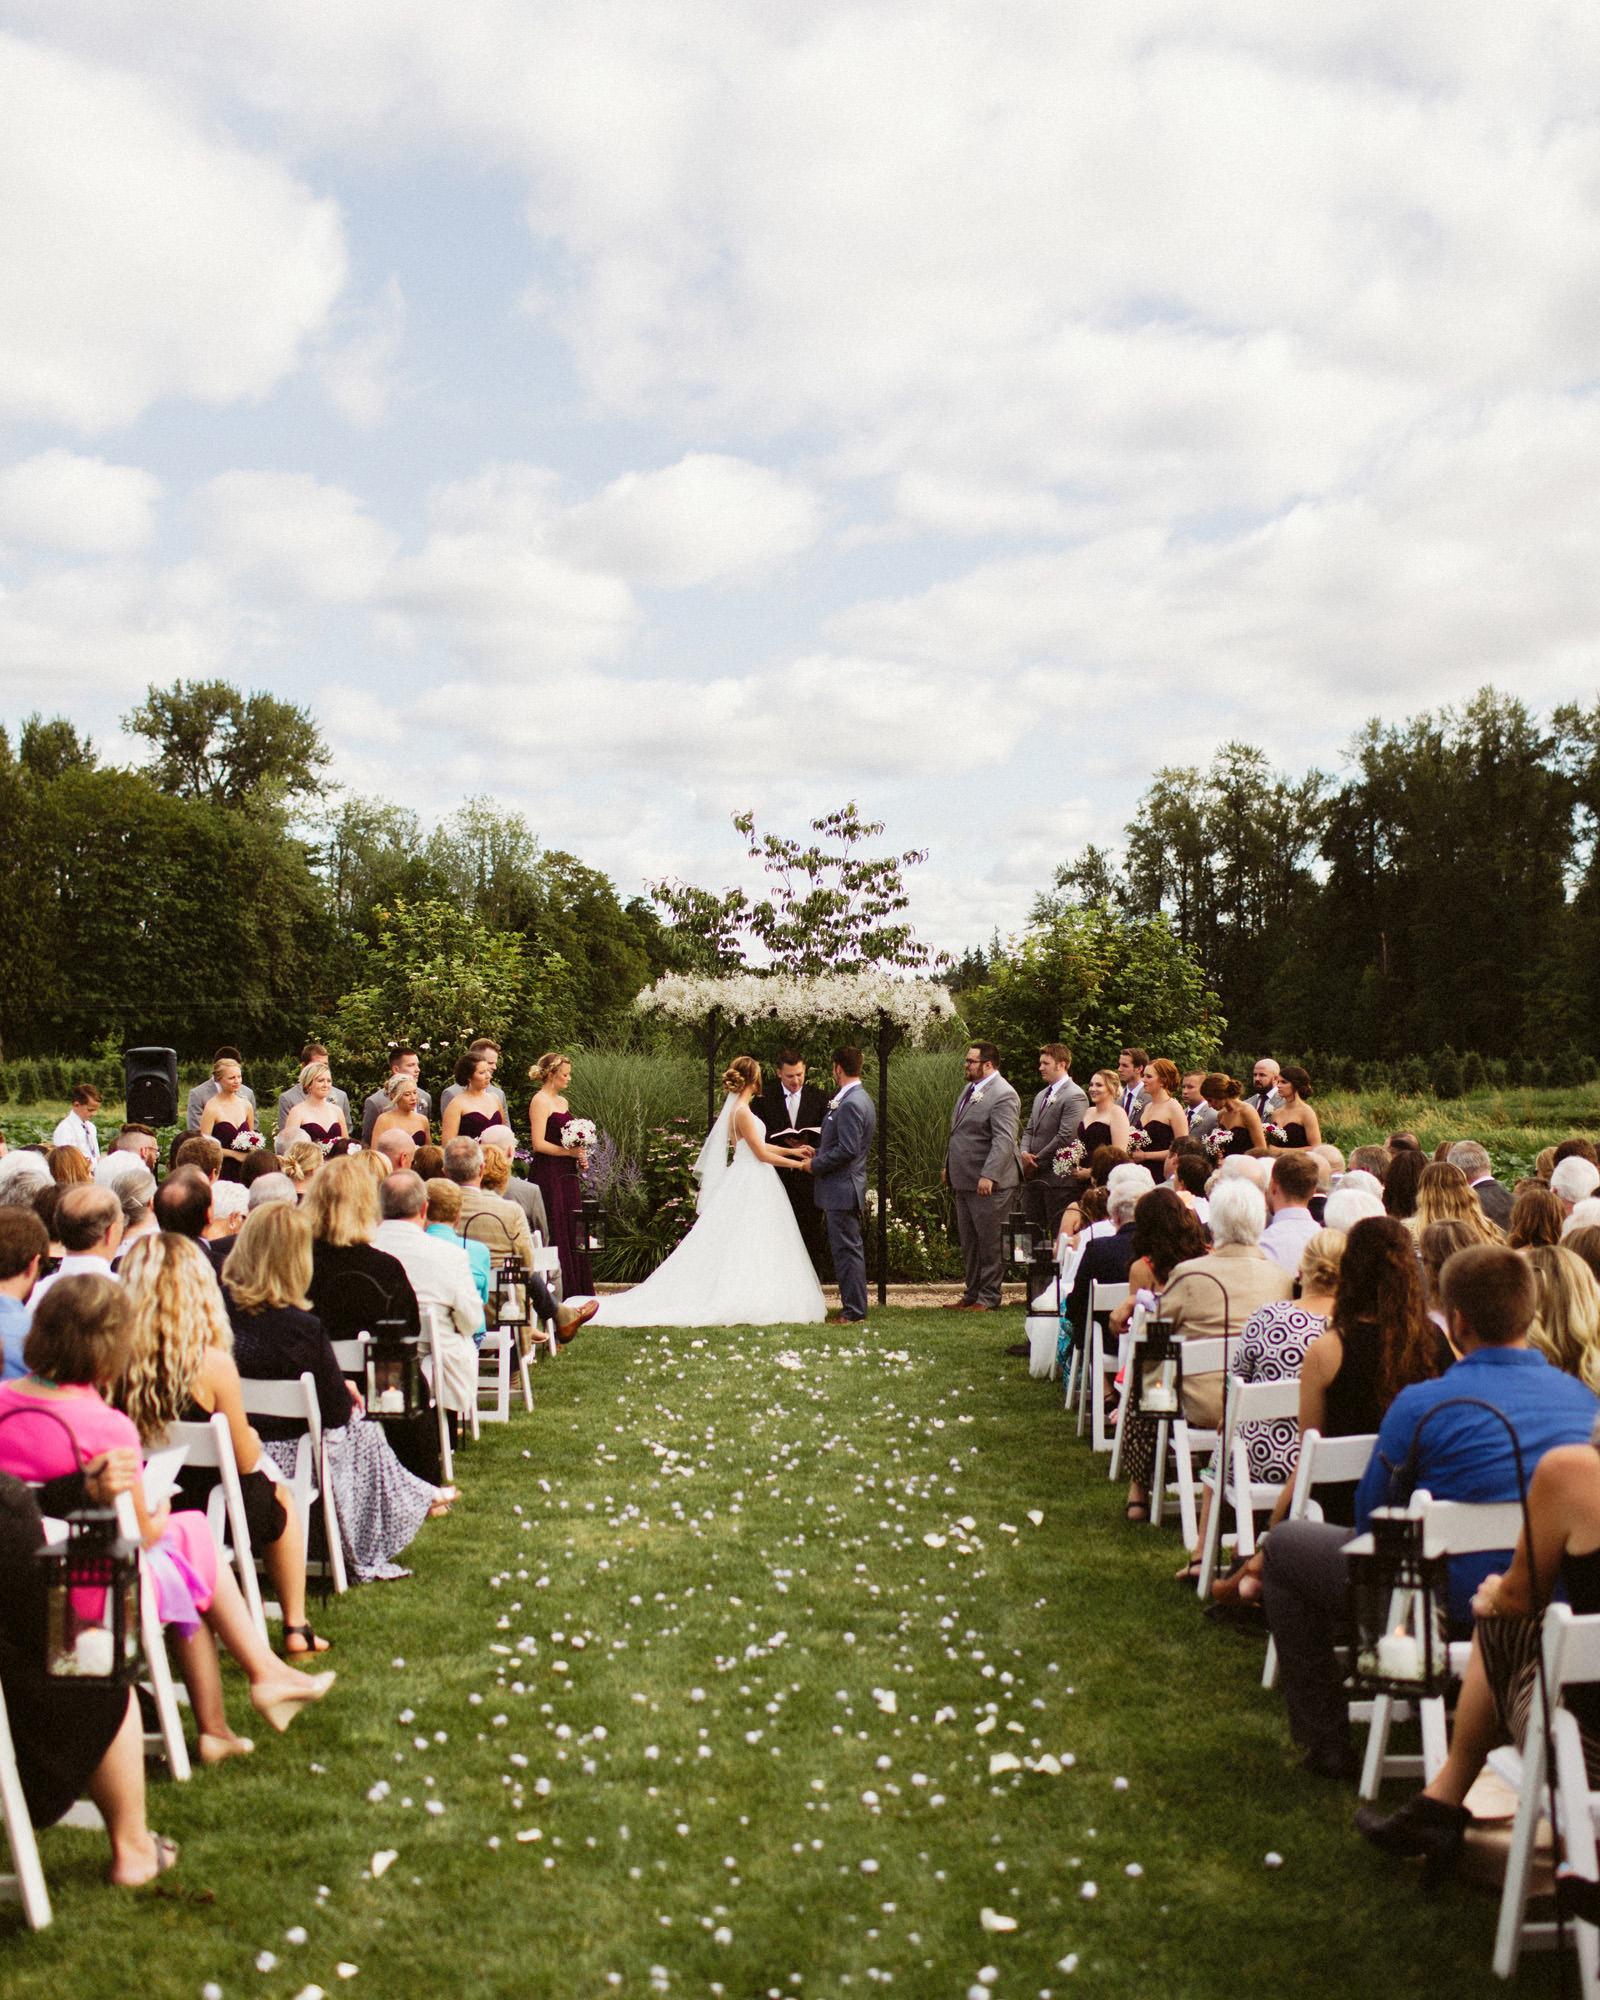 jacobregan-blog-20 SCHILLER FAMILY FARM WEDDING